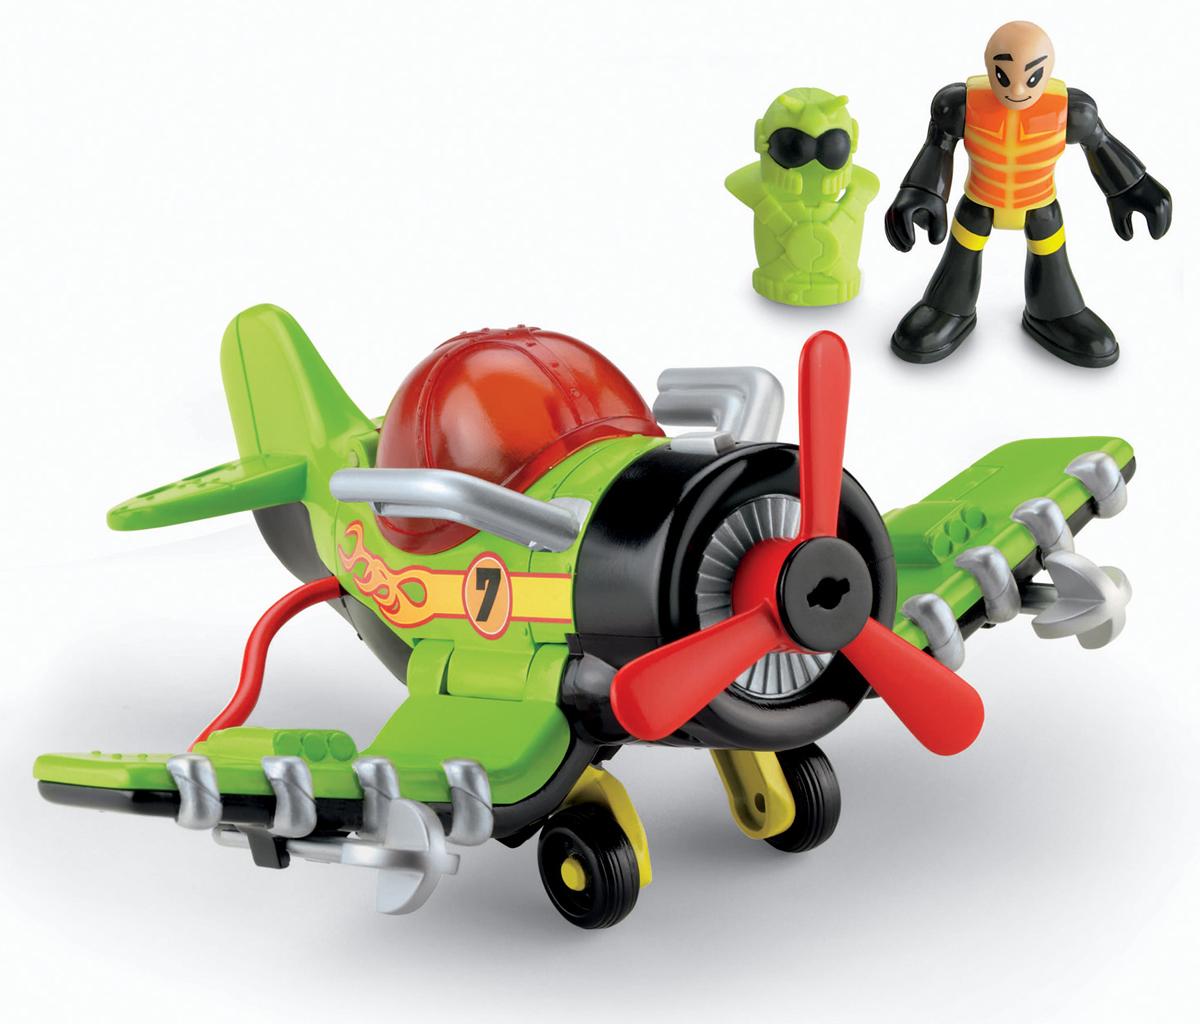 Imaginext Самолет T5308_V4103T5308_V4103Самолет Молния серии Воздушные Гонщики обрадует каждого ребенка, который любит заоблачные приключения и приключения на виражах! Самолет имеет вращающийся пропеллер, убирающимся шасси и складную кабину. В кабину помещается фигурка-пилот. Самолет оснащен реактивными двигателями и обоймой снарядов. Комплект включает в себя: - Пилот Фигурка - Самолет, - Шлем пилота, - 3 ракеты.